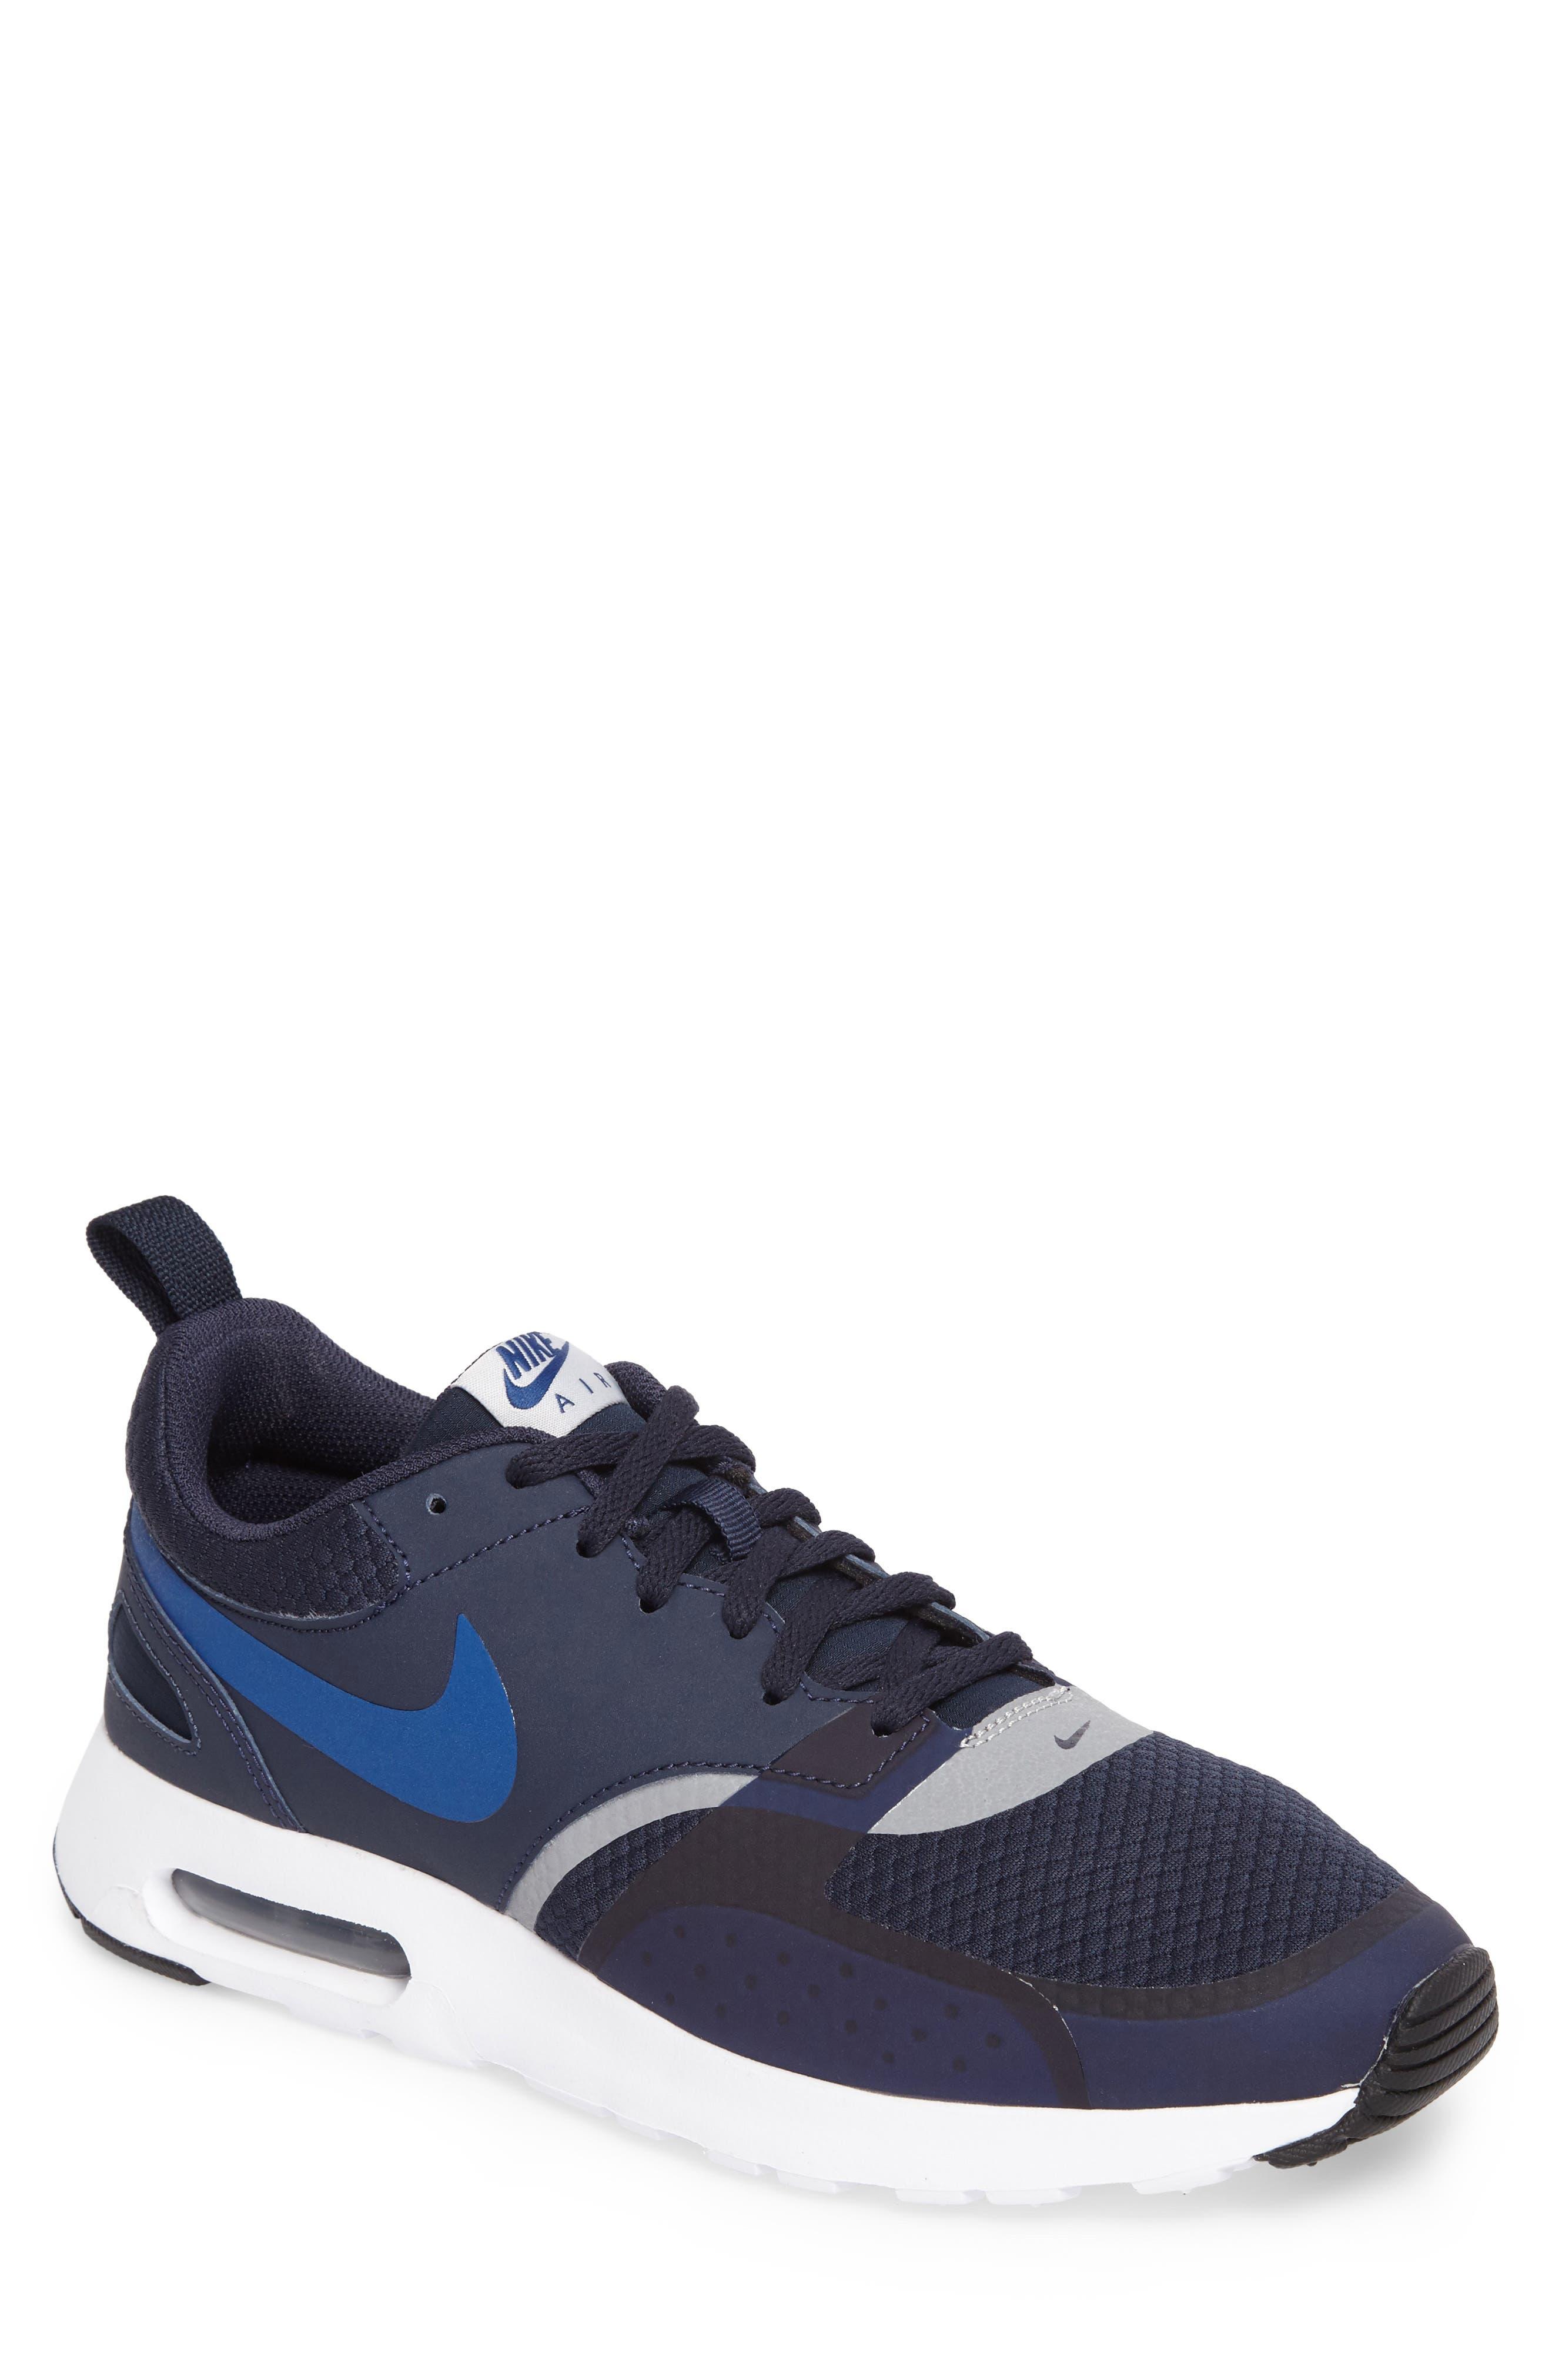 Alternate Image 1 Selected - Nike Air Max Vision SE Sneaker (Men)